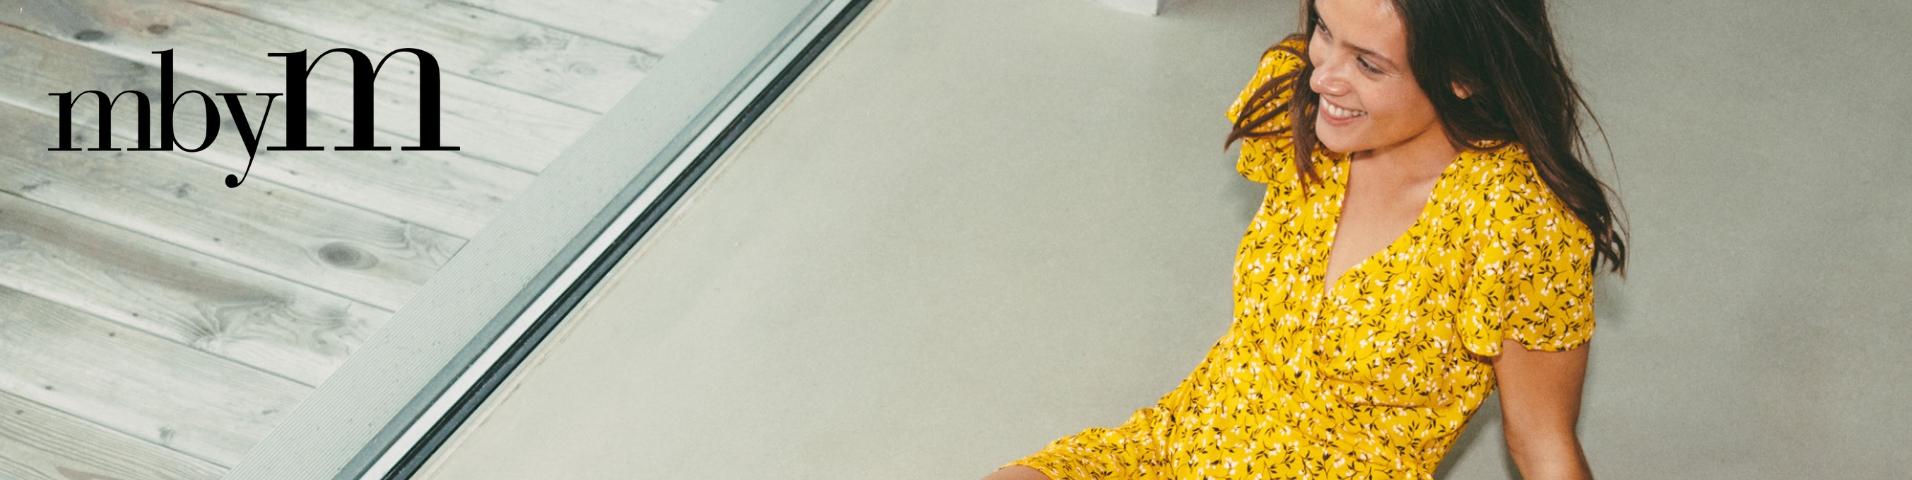 24ebf390 MbyM Kjoler på nett | Dame | Kjøp ny kjole online på Zalando Norge